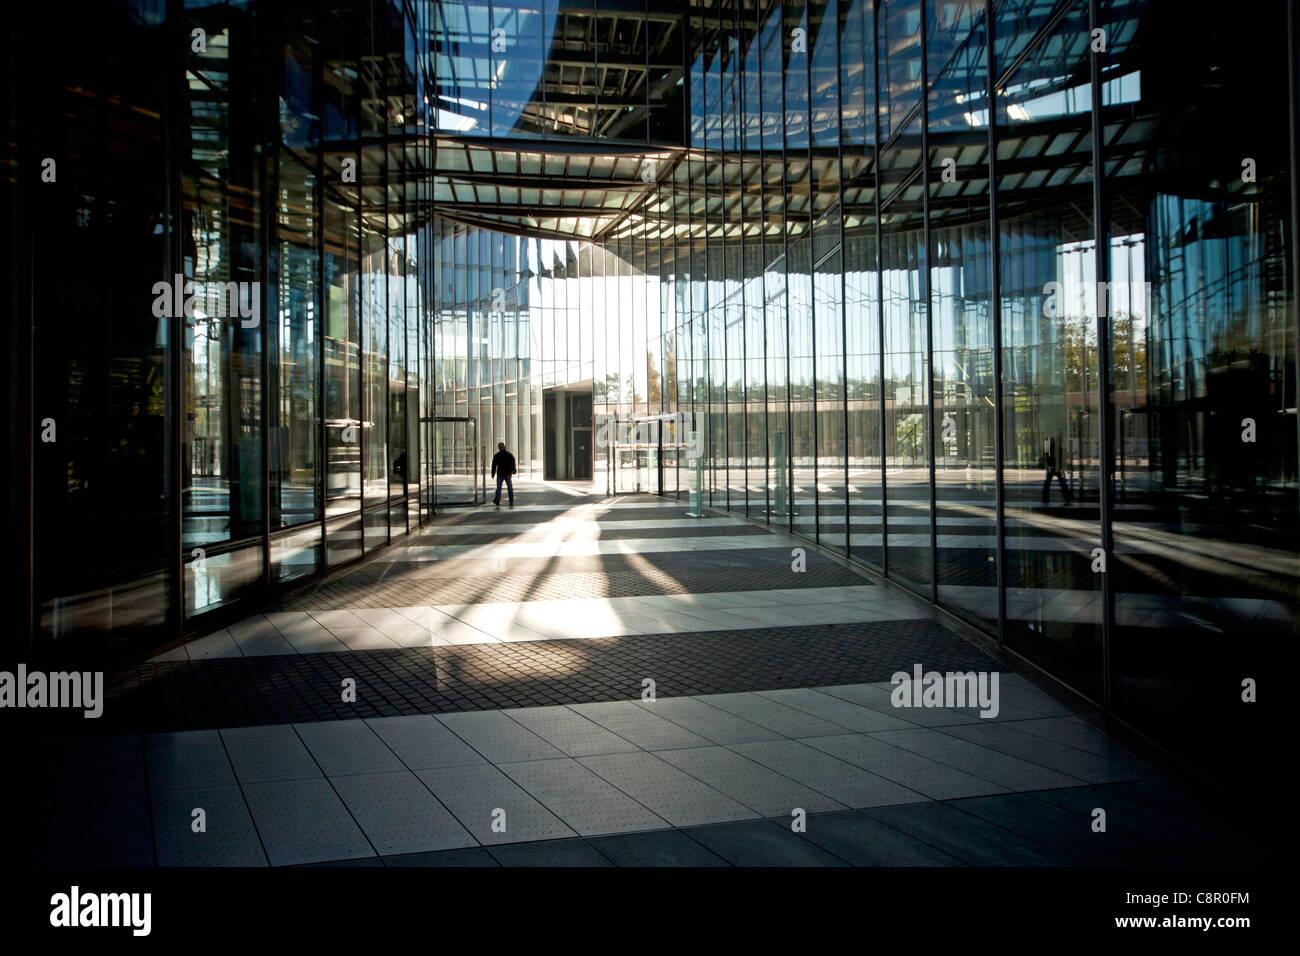 Entrada a la Torre de correos, la sede de la compañía logística Deutsche Post DHL en Bonn, Renania del Norte-Westfalia, Alemania Foto de stock